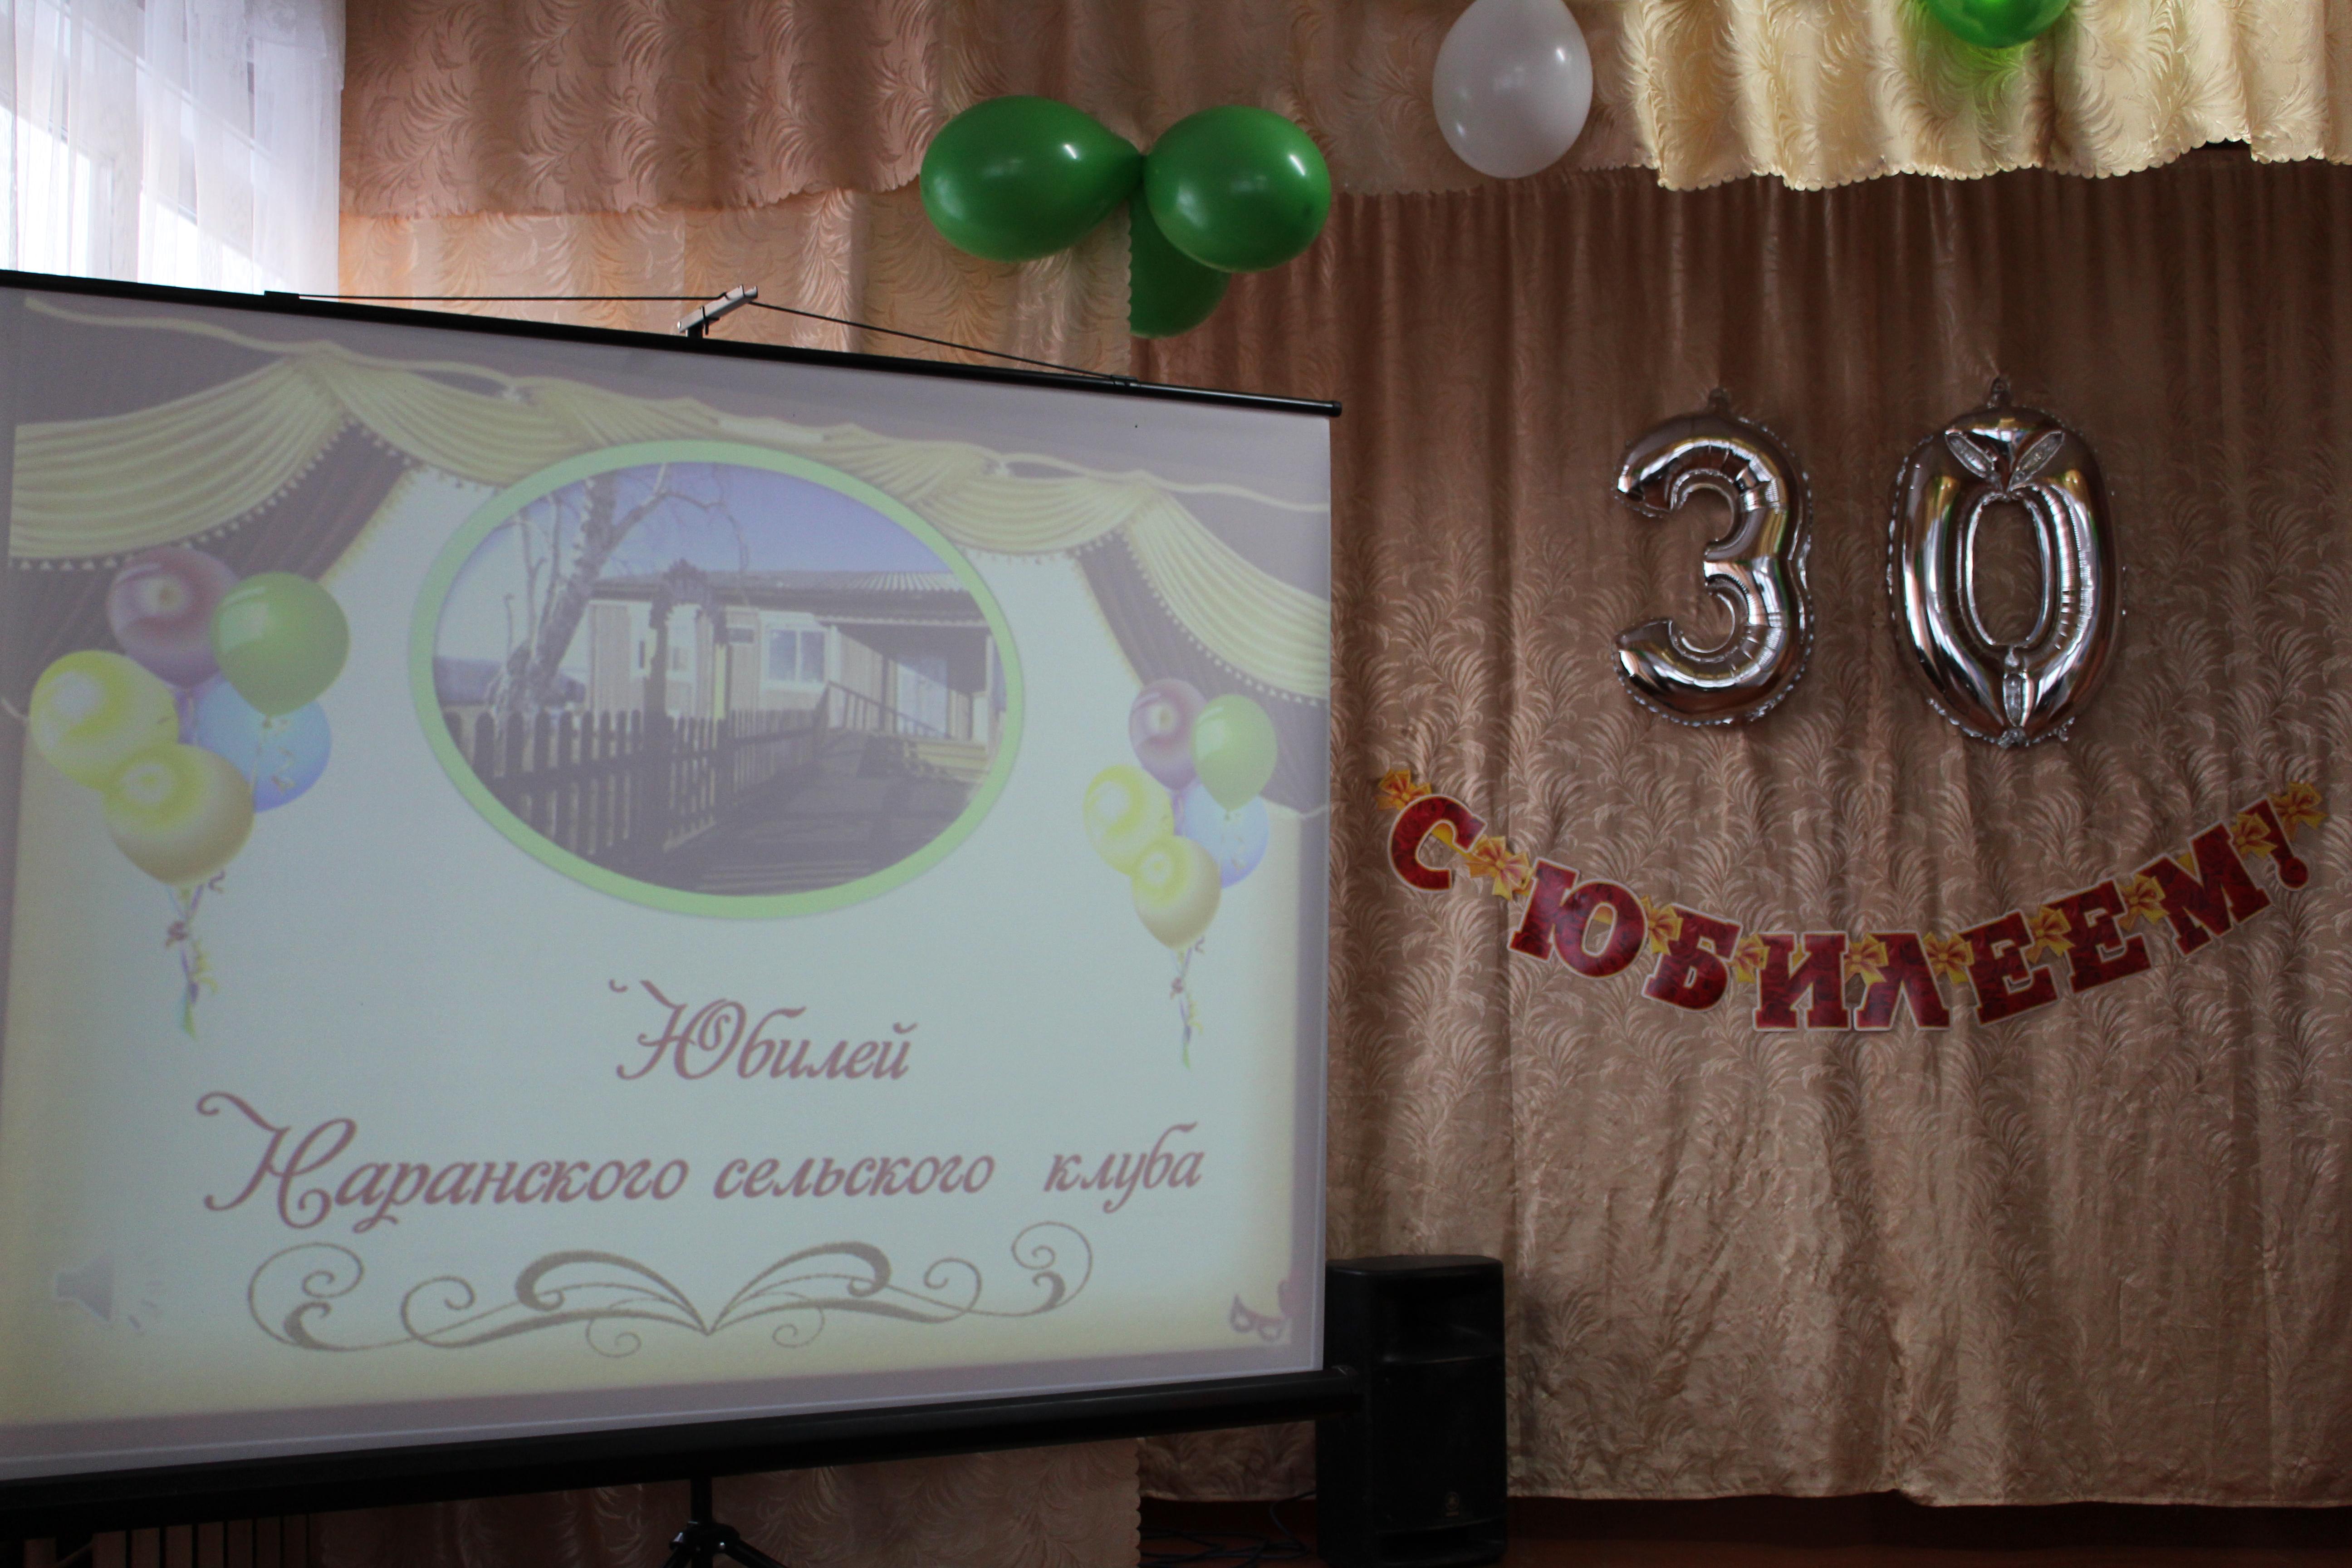 Наранский сельский клуб собрал гостей!